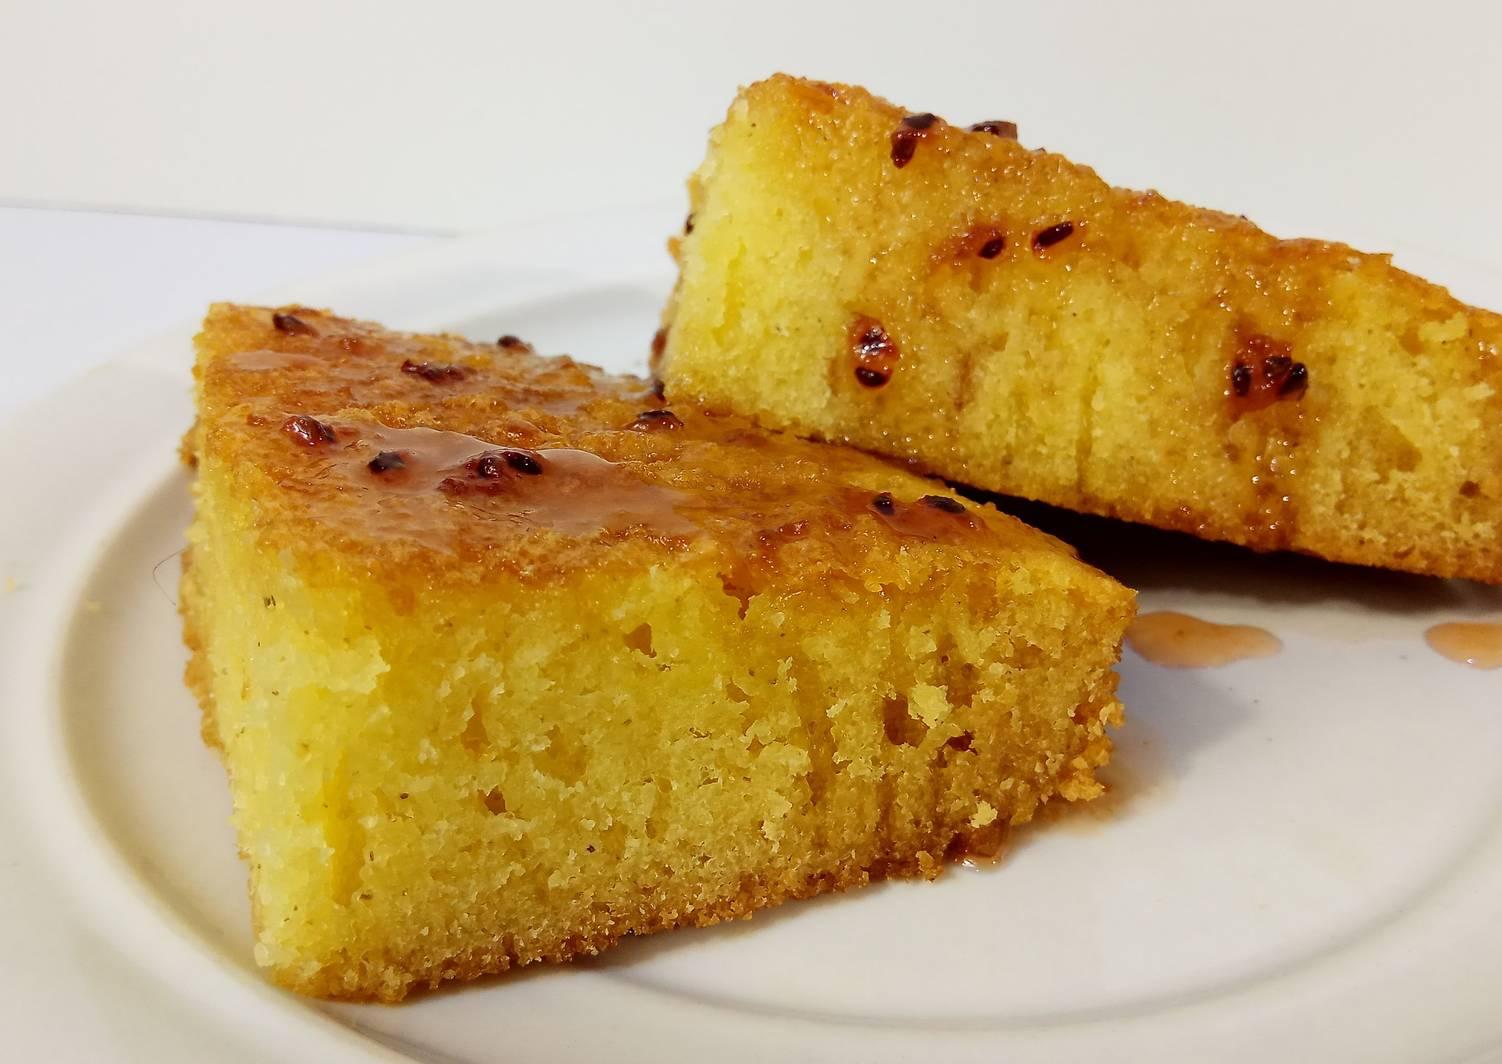 блюда из манки рецепты с фото этом случае